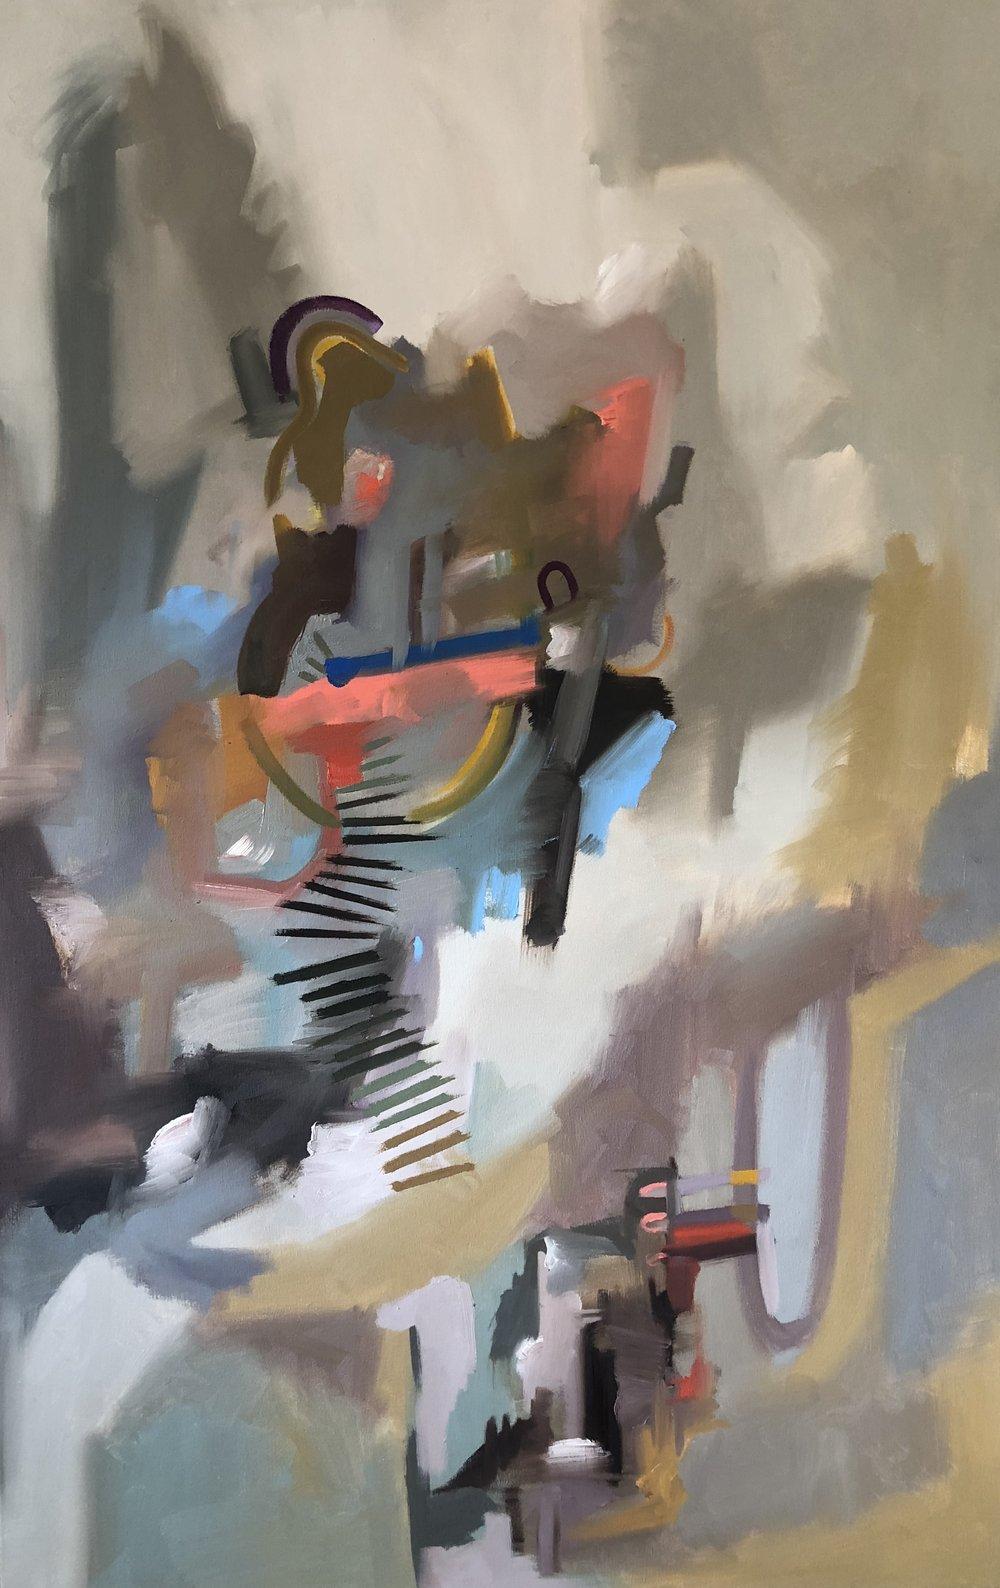 Organized Chaos,  2018. Oil on canvas. NFS